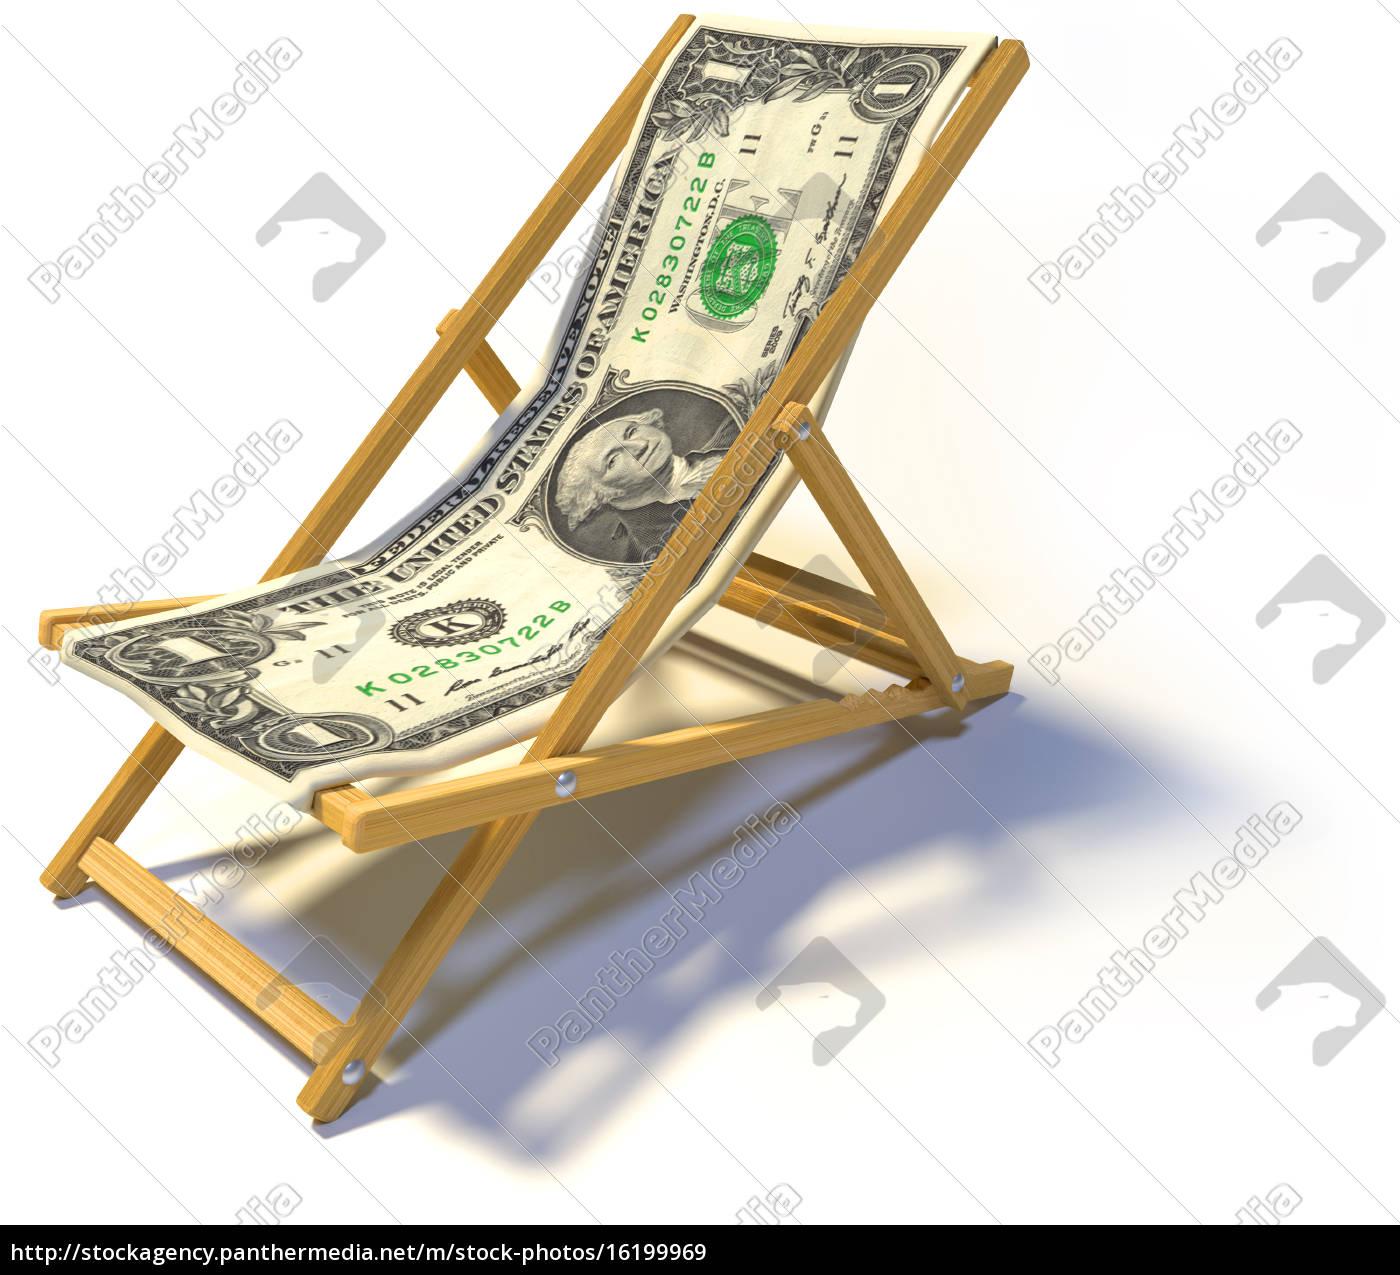 Klappliegestuhl  Klappliegestuhl mit 1 Dollar - Lizenzfreies Bild - #16199969 ...